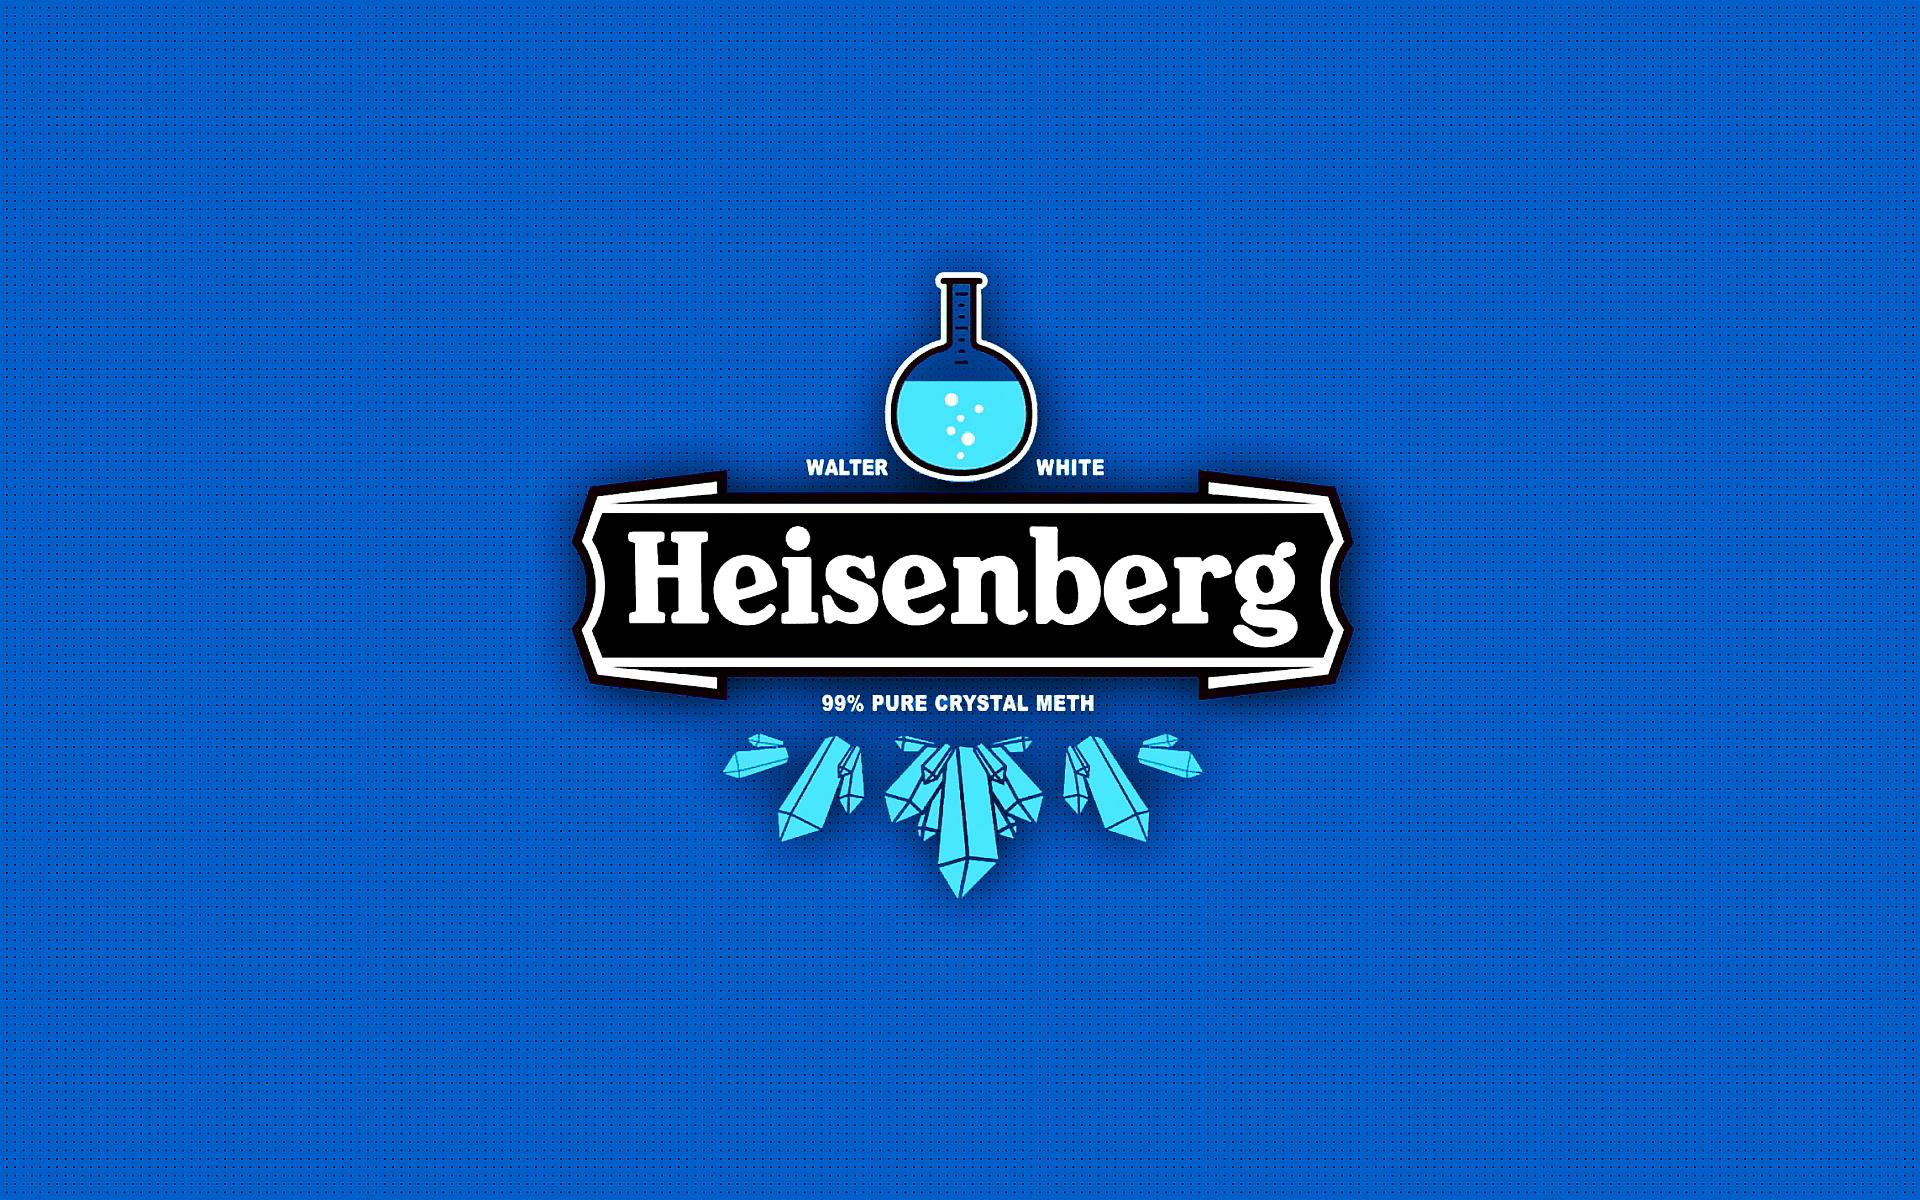 Heisenberg heineken